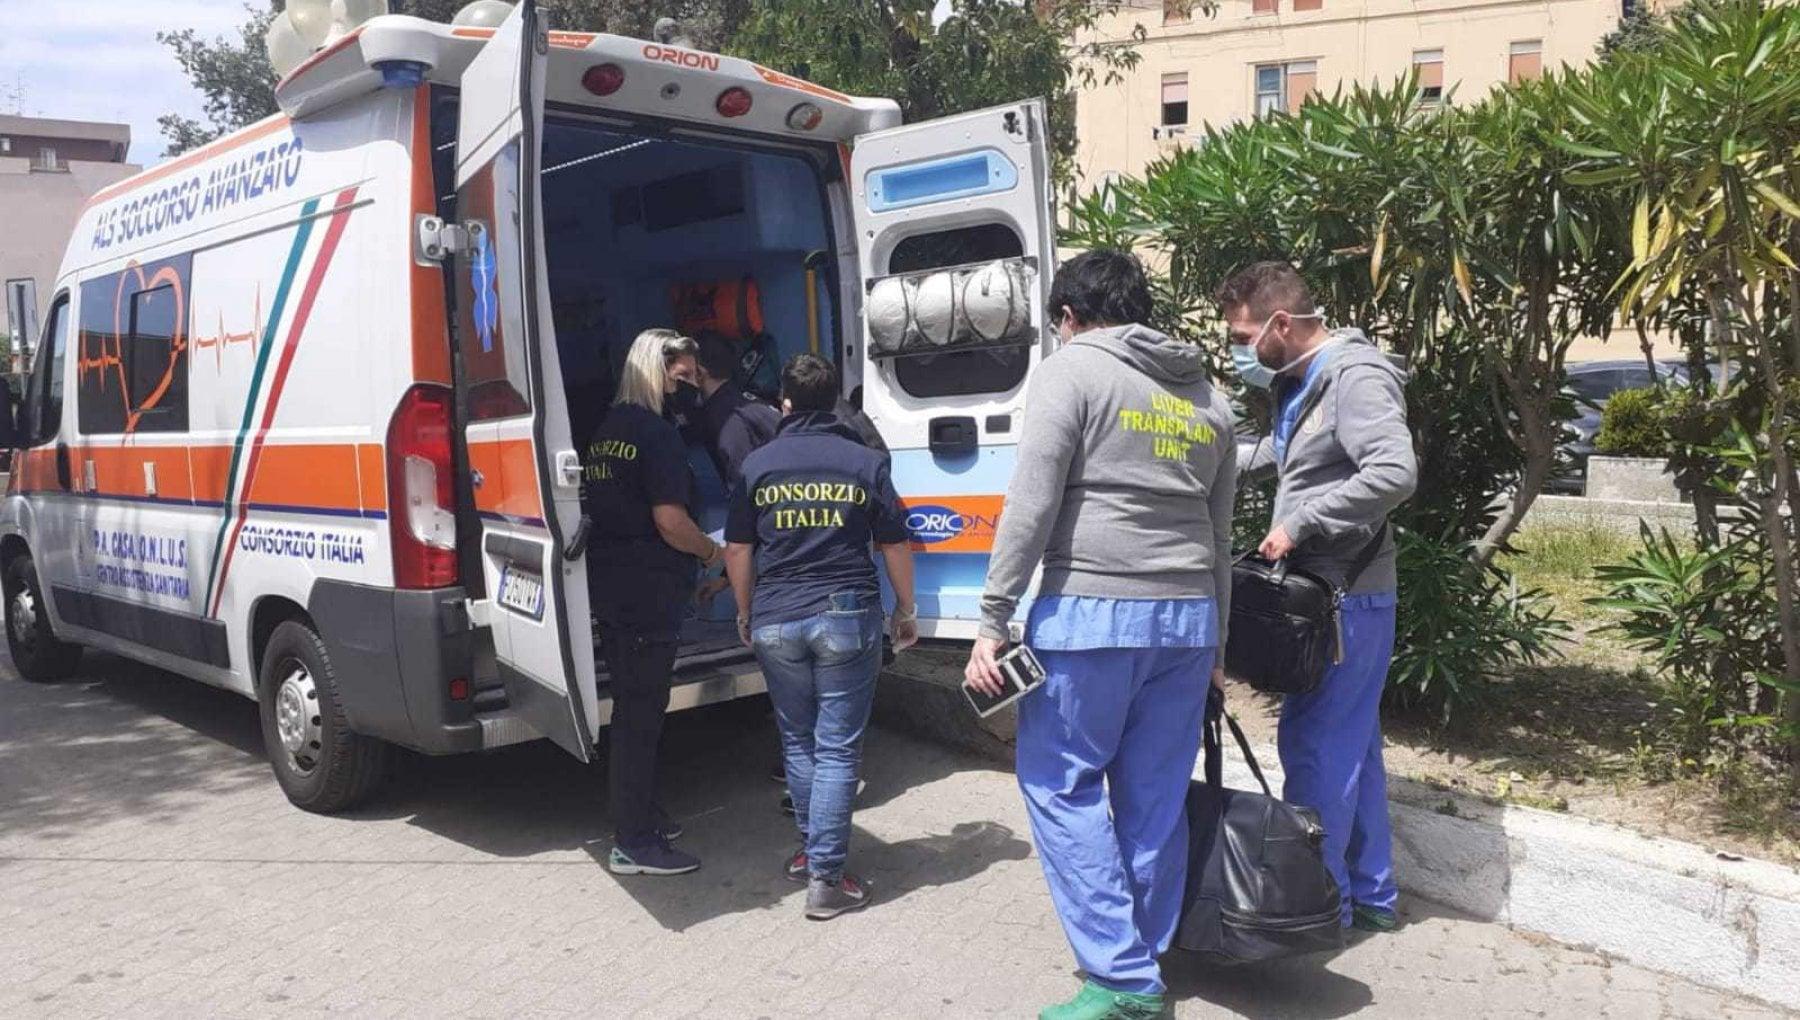 """202219058 a862ac8b 78d2 404d a3ea bd667a835fba - Taranto, muore a 44 anni, la famiglia dona gli organi. I genitori: """"Lo aveva chiesto lui"""""""